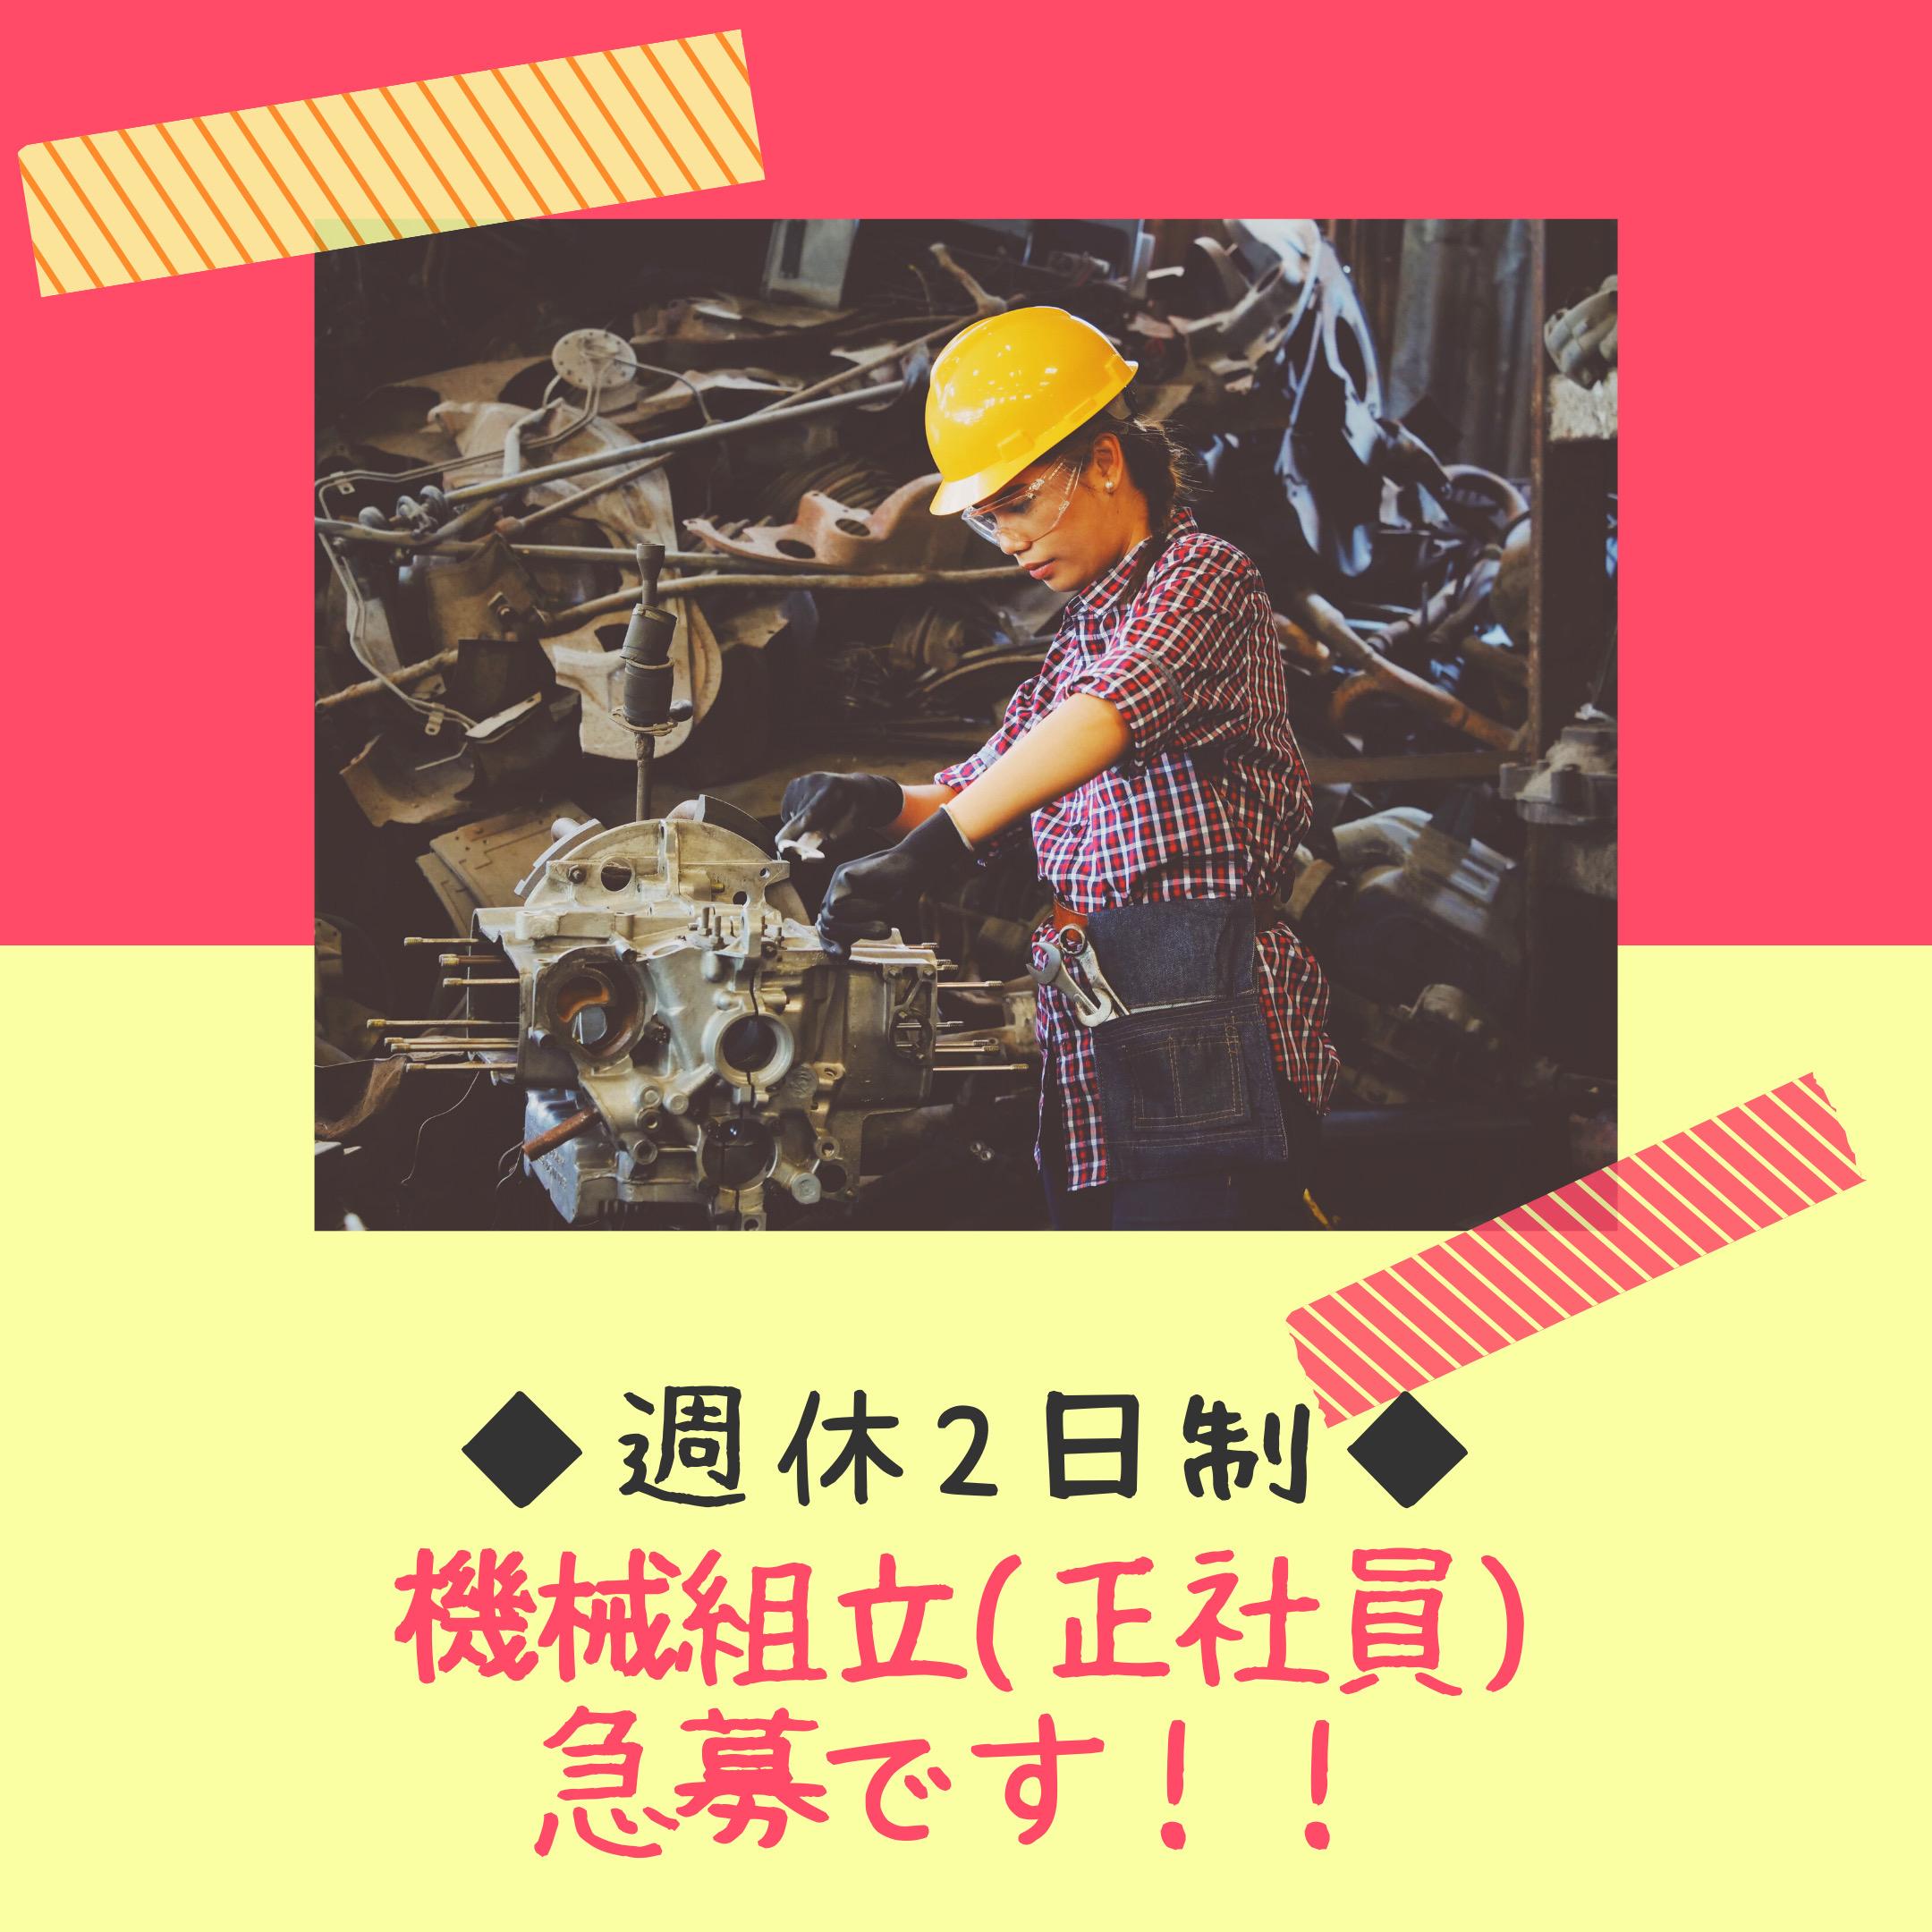 【新着&急募】名古屋市港区で機械組立(正社員)◎マイカー通勤OK (駐車場あり)◎PC経験者歓迎◎学歴問いません イメージ